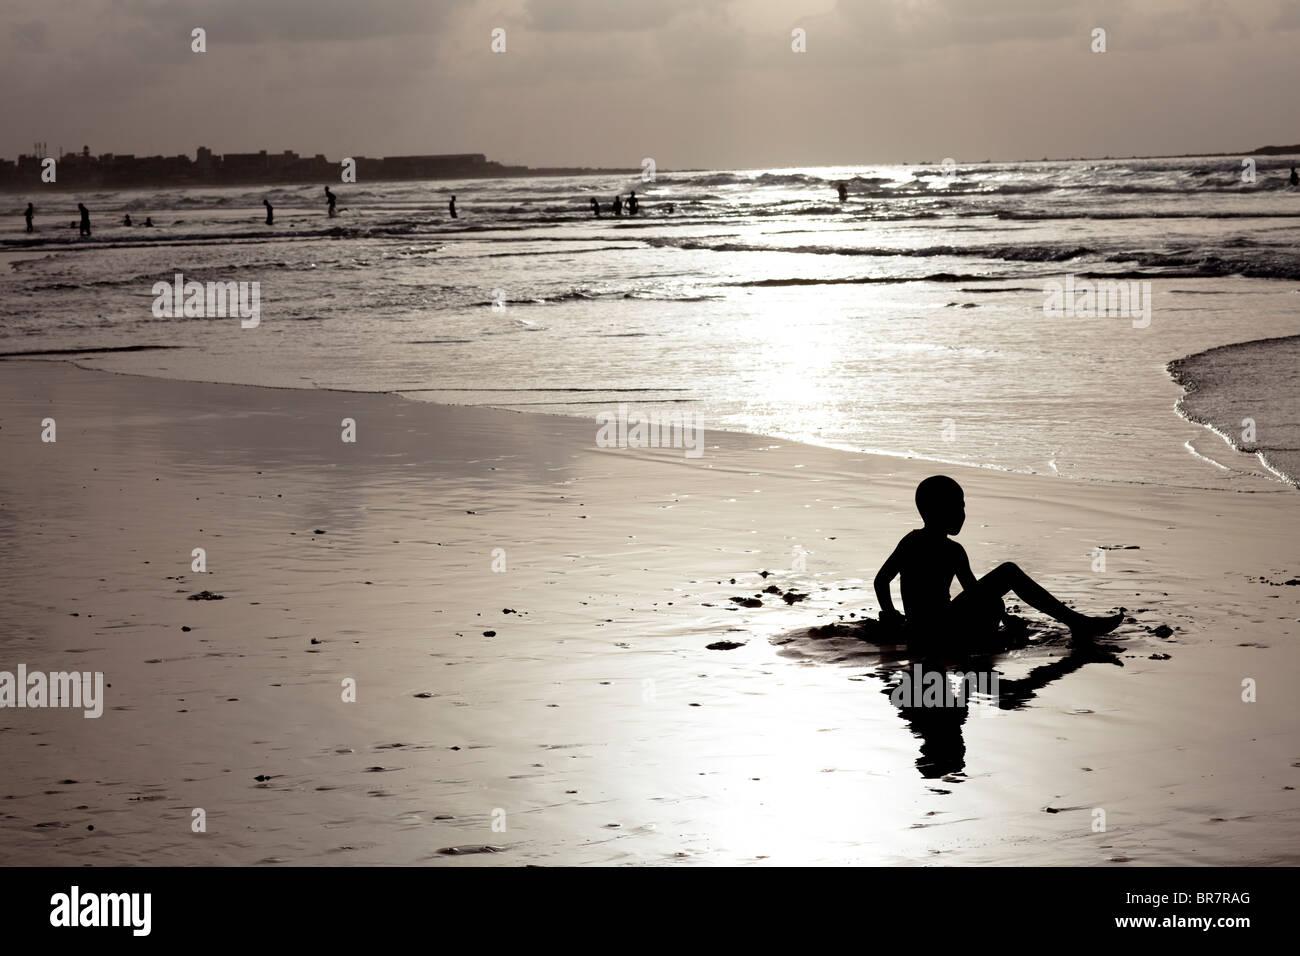 Plage et la vie de l'île, Dakar, Sénégal, Afrique Photo Stock